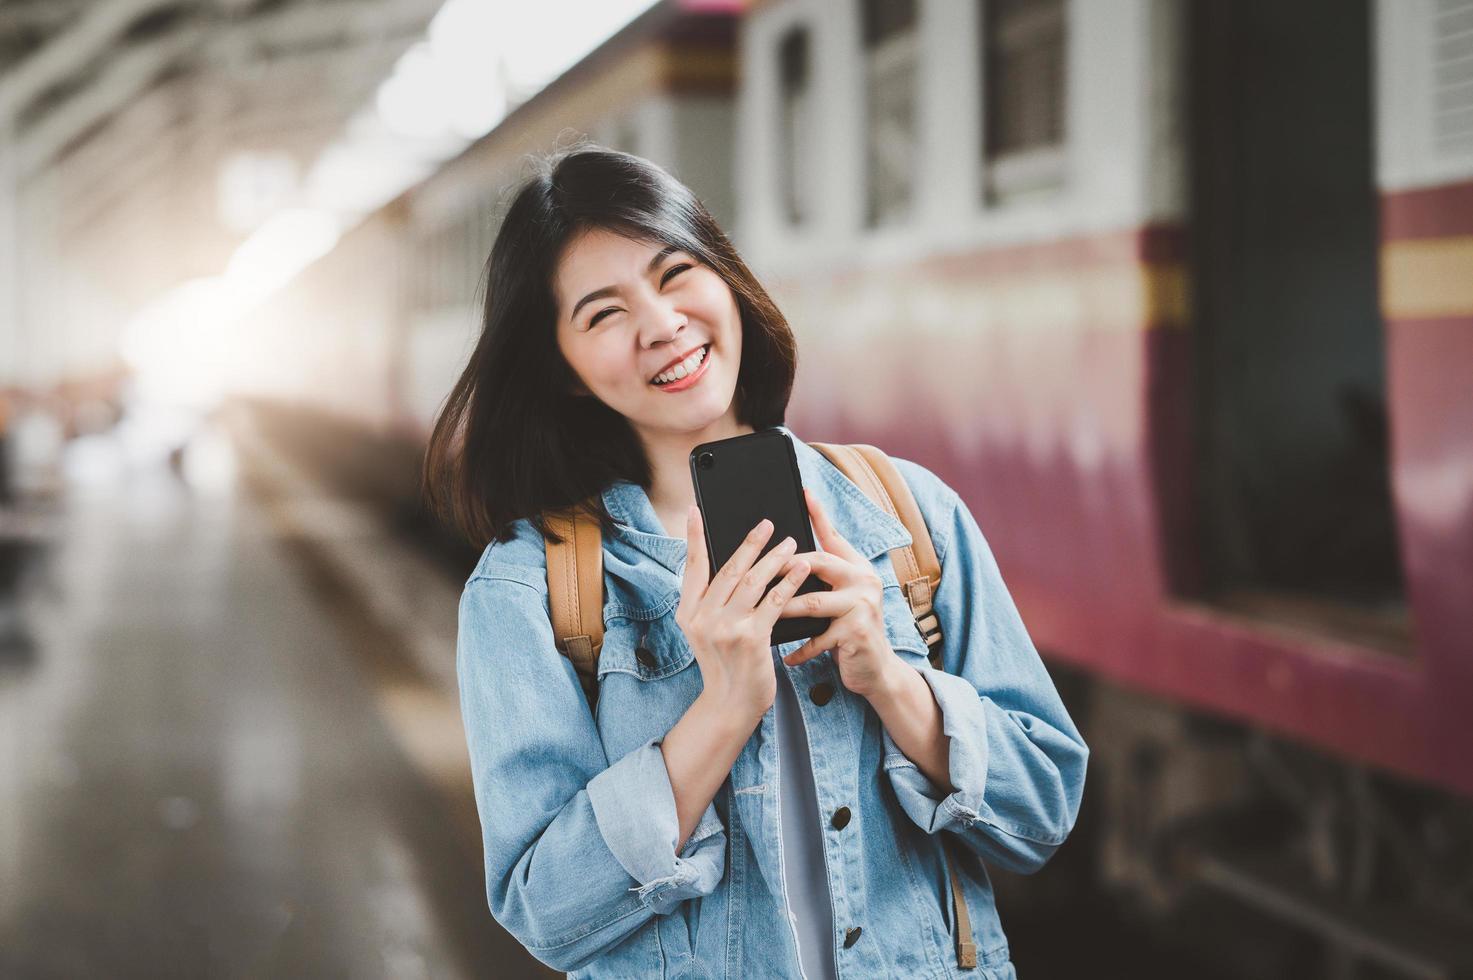 donna asiatica felice alla stazione ferroviaria foto